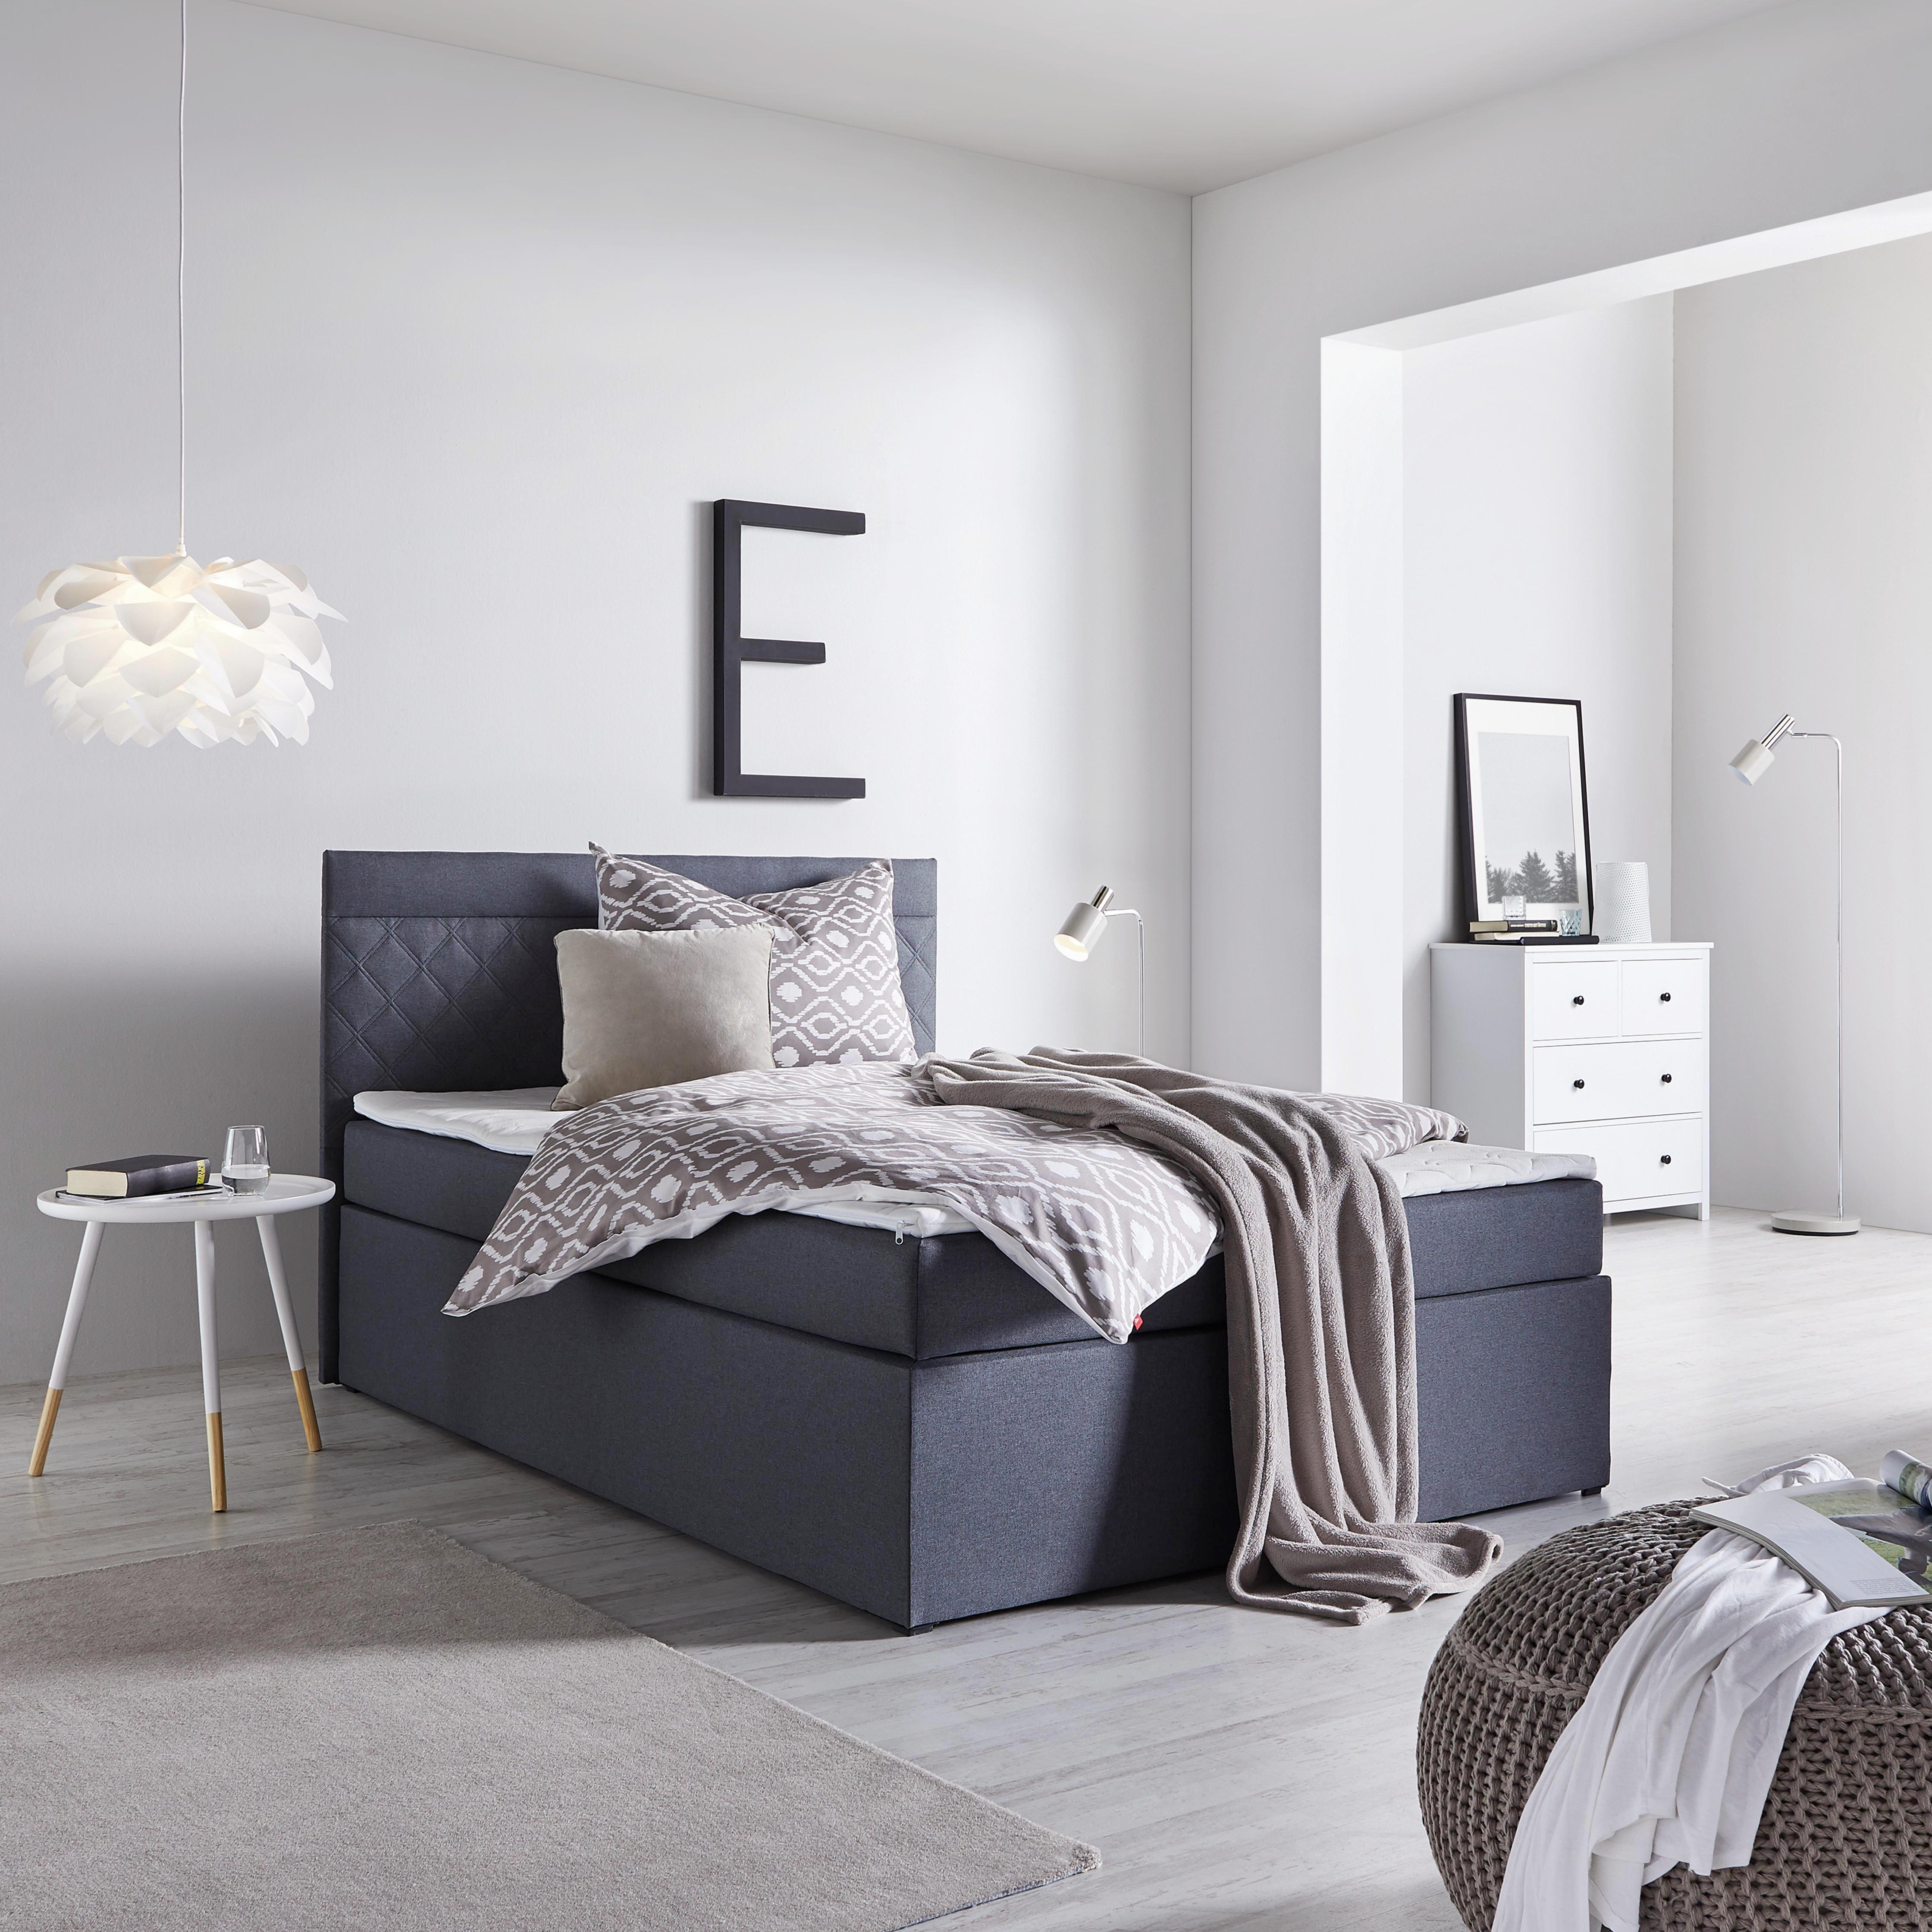 schlafzimmer set lutz bettdecken allergie hausstaubmilben farben f rs schlafzimmer wand ido. Black Bedroom Furniture Sets. Home Design Ideas